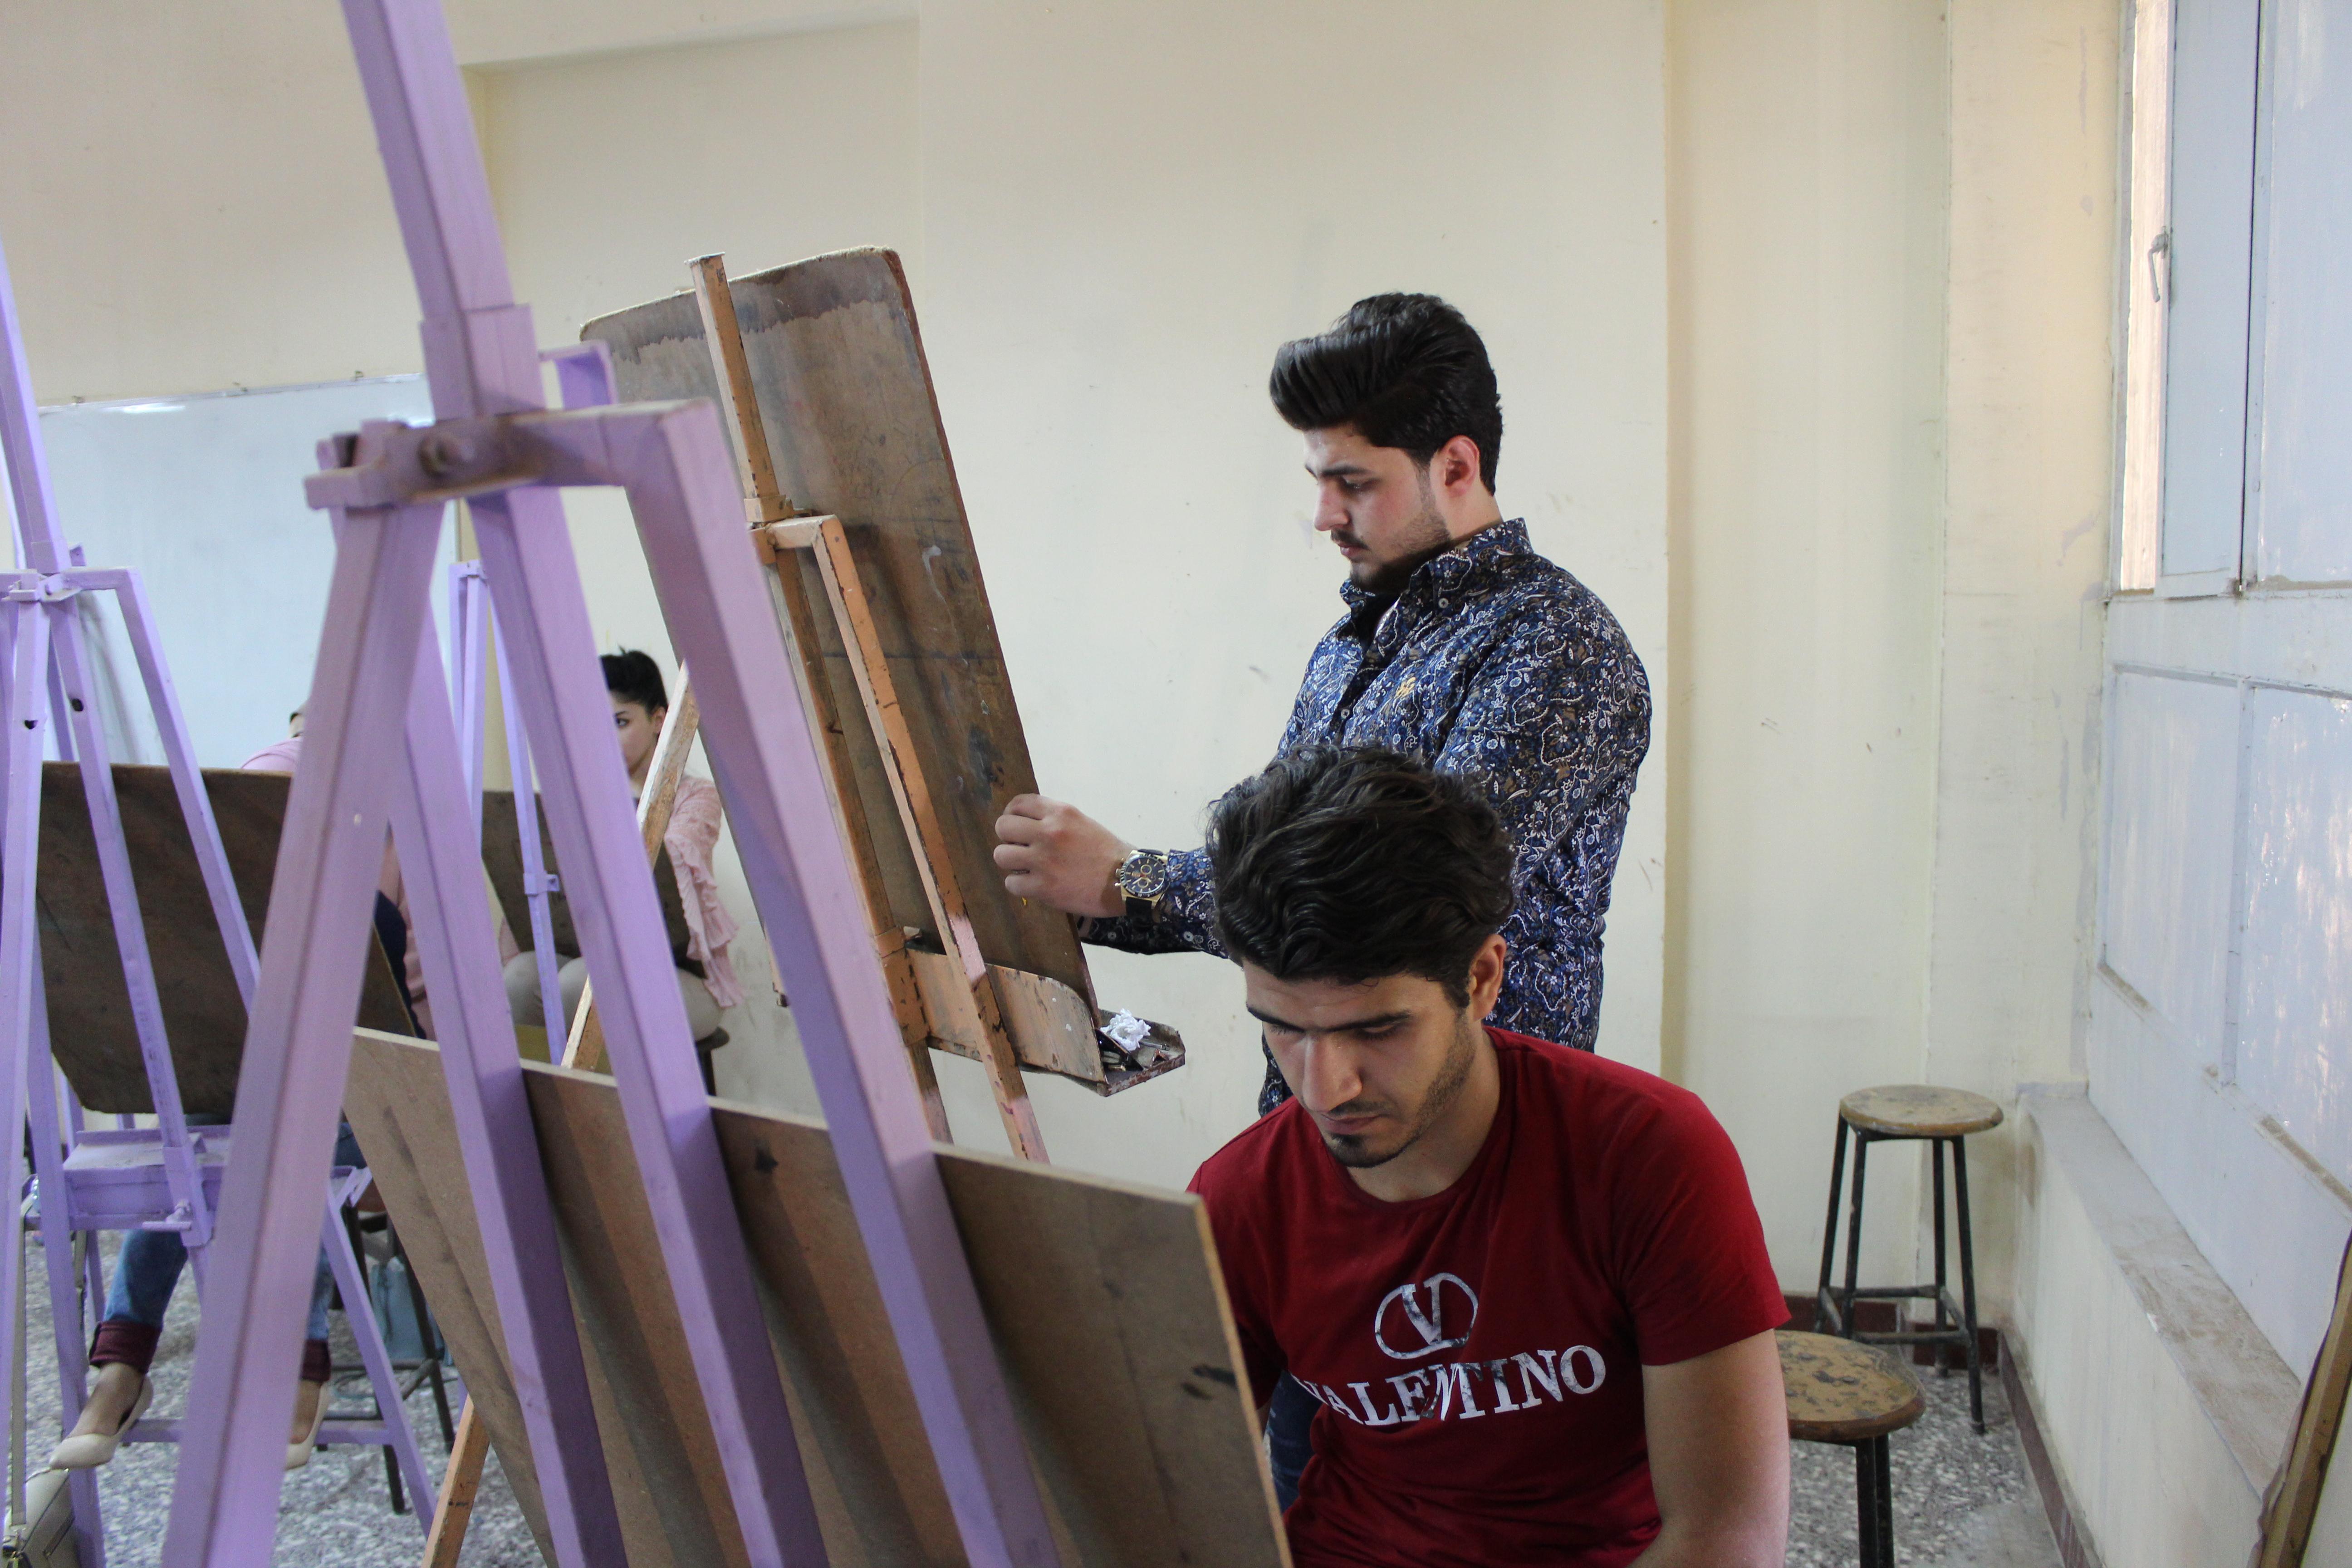 تواصل اختبارات الدراسة المسائية في كلية الفنون الجميلة